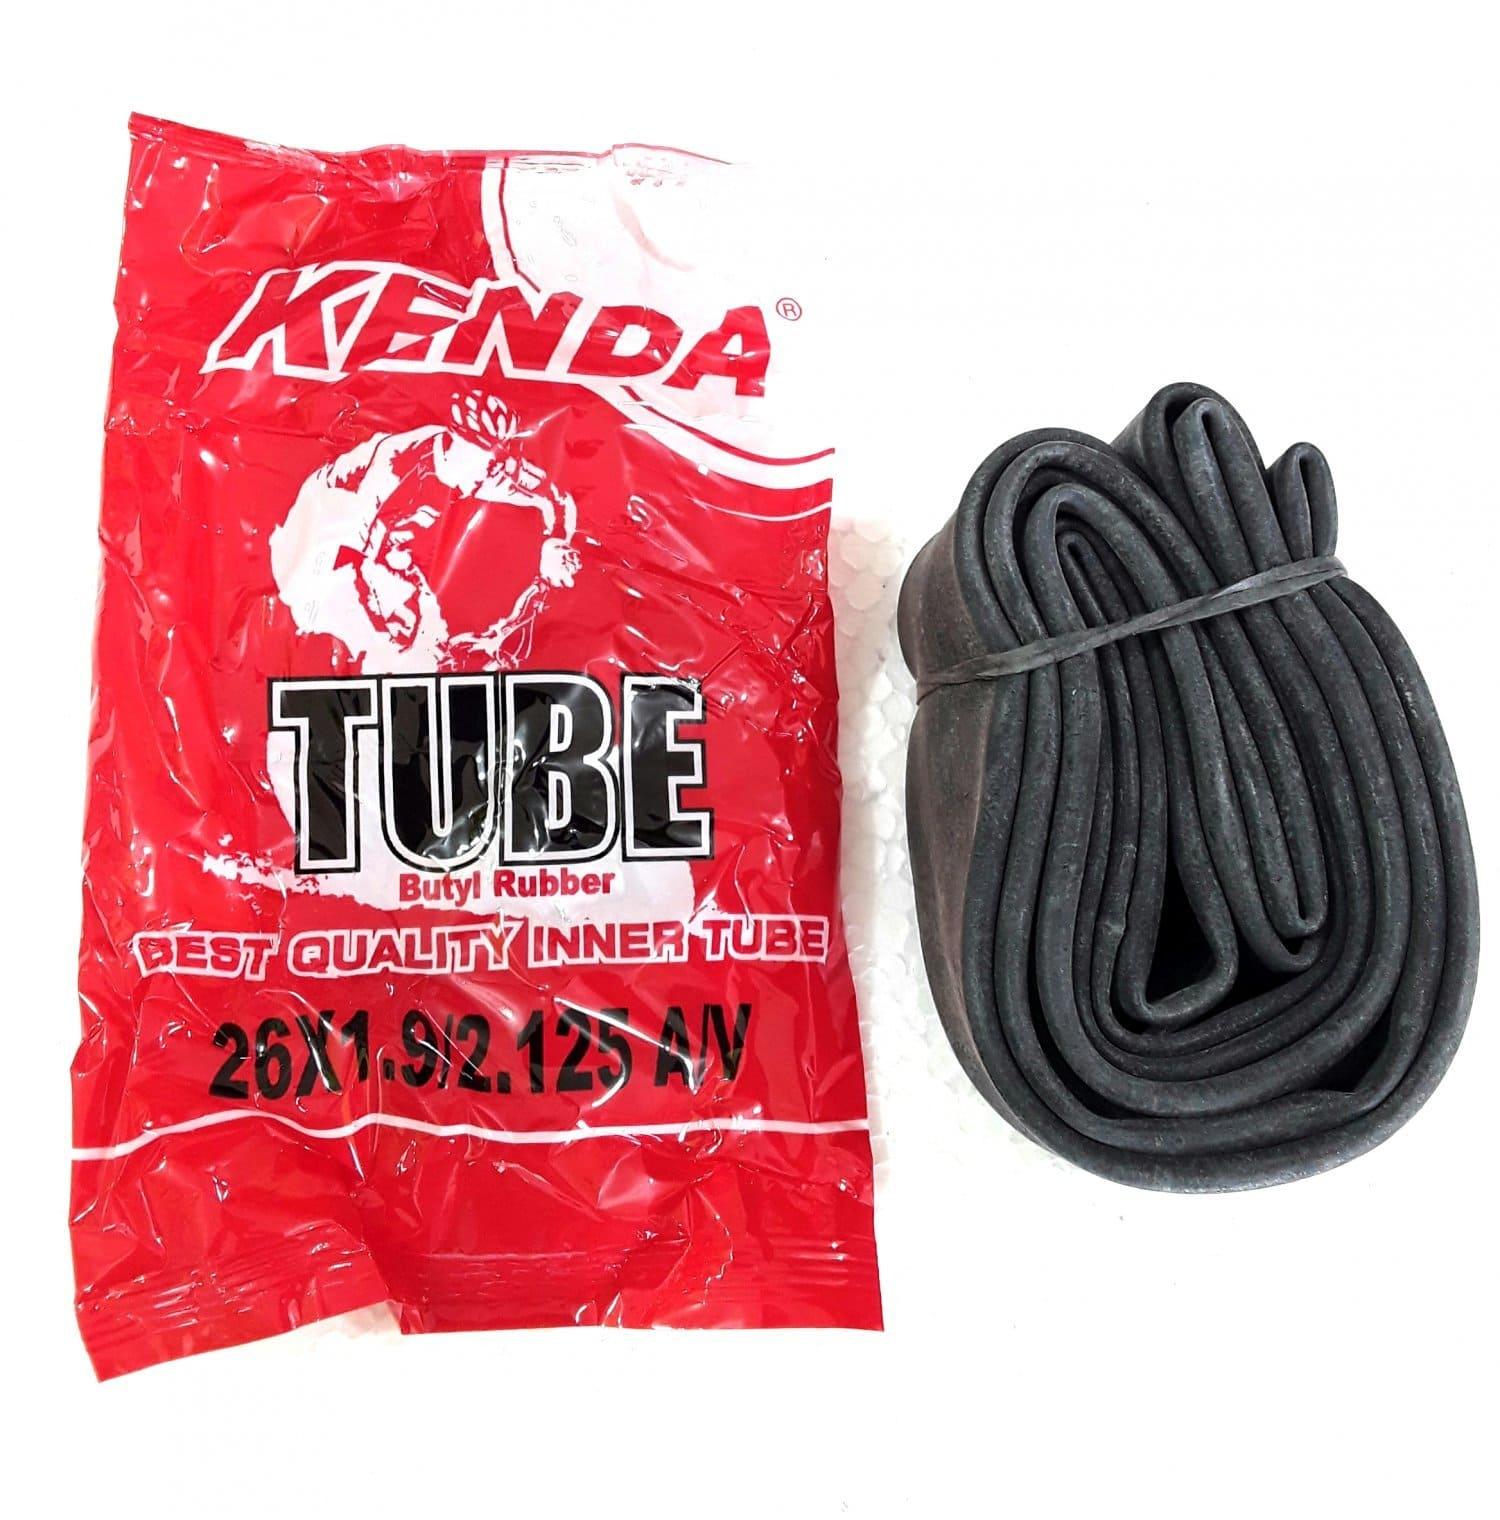 Camara de Ar Kenda 26x1.90/2.125 balão schrader 35mm